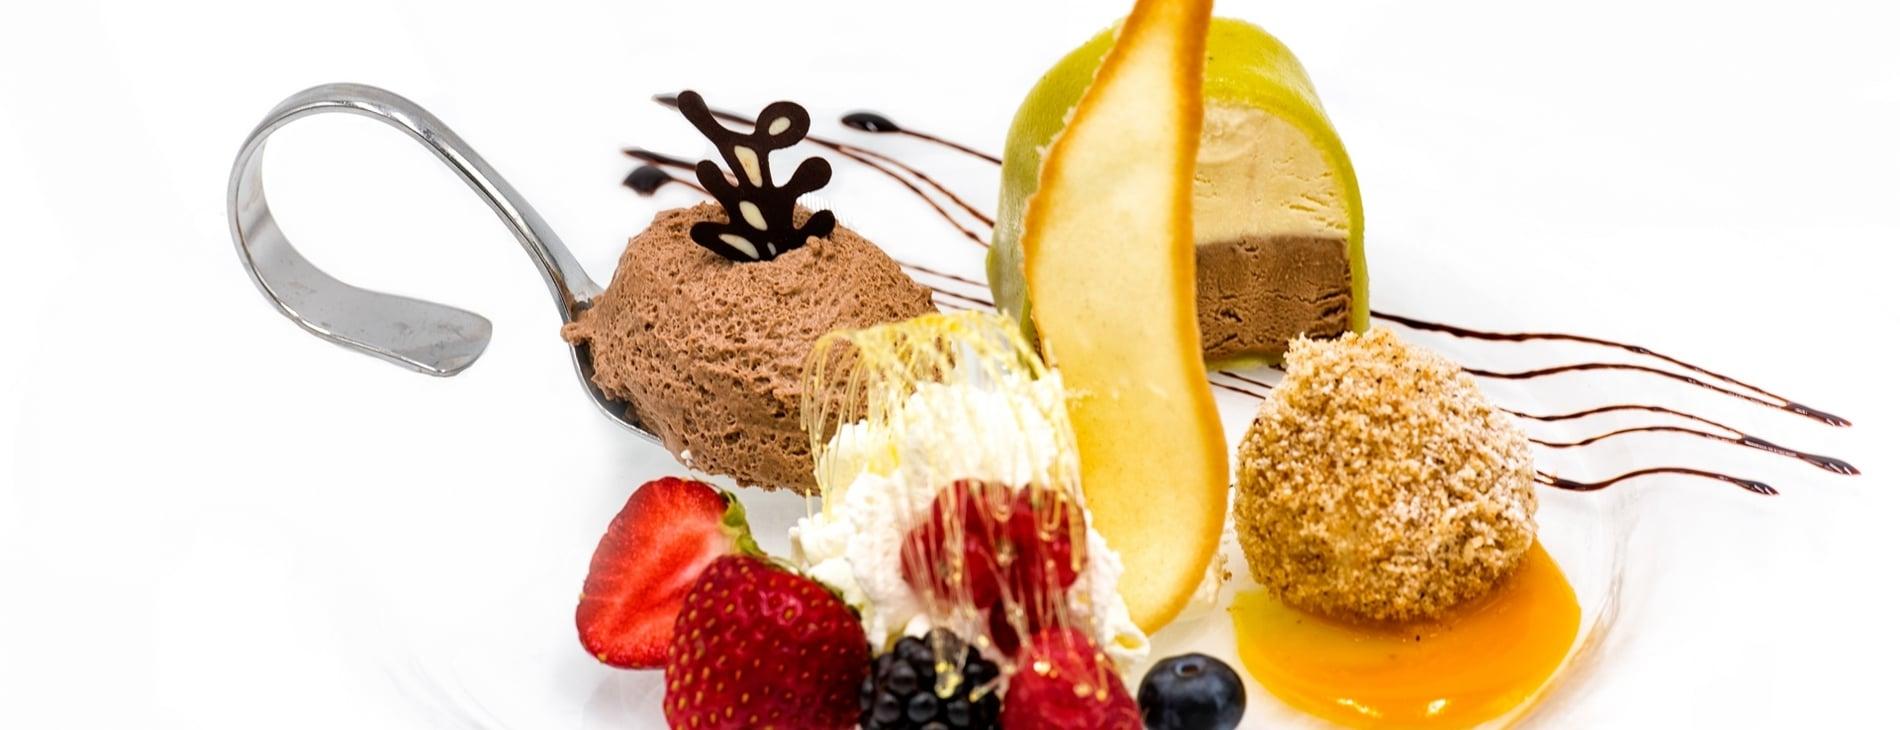 La vostra vacanza gourmet all'insegna del piacere del gusto